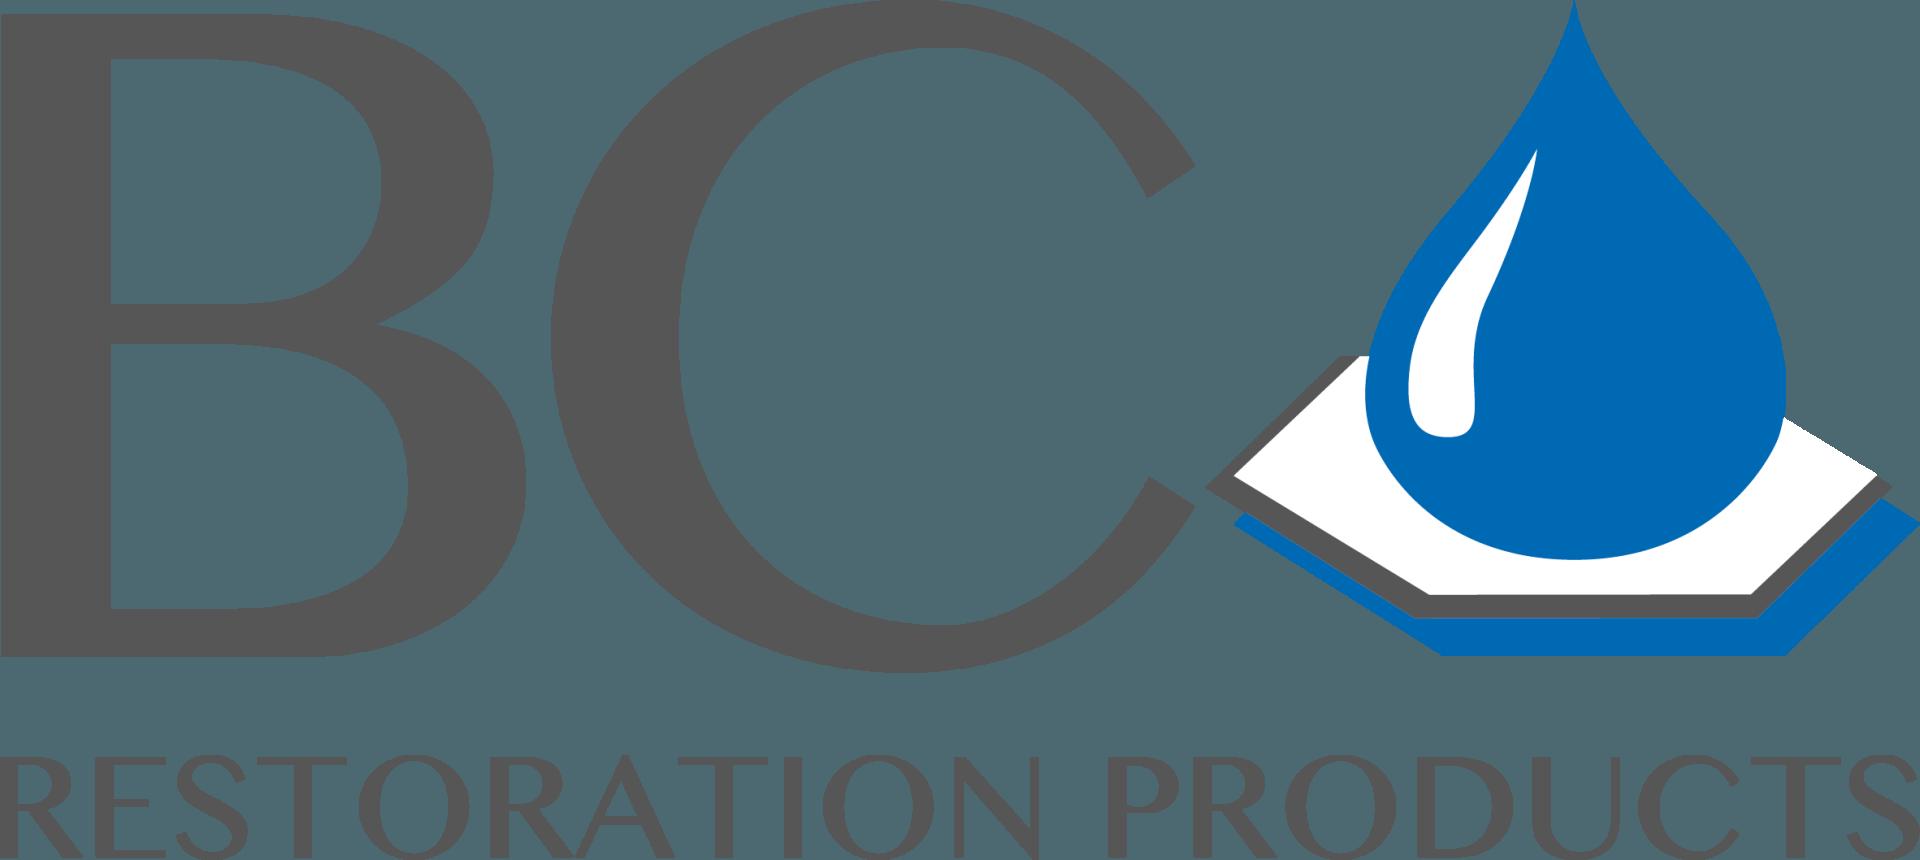 Video-Marketing für die BC Restoration Products GmbH